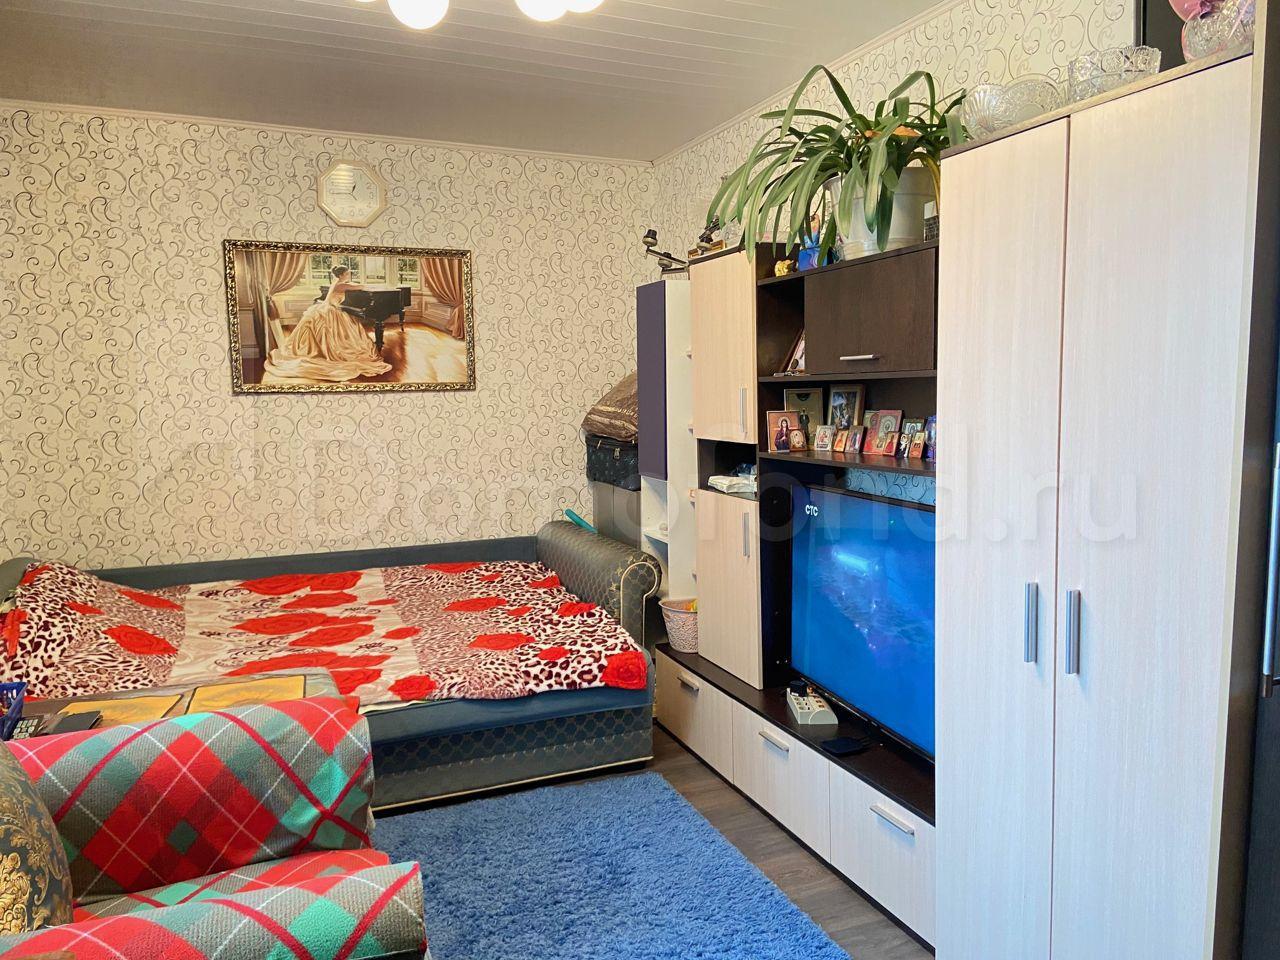 Недвижимость 2-комн. квартира, 54 м², 7/8 эт. Москва